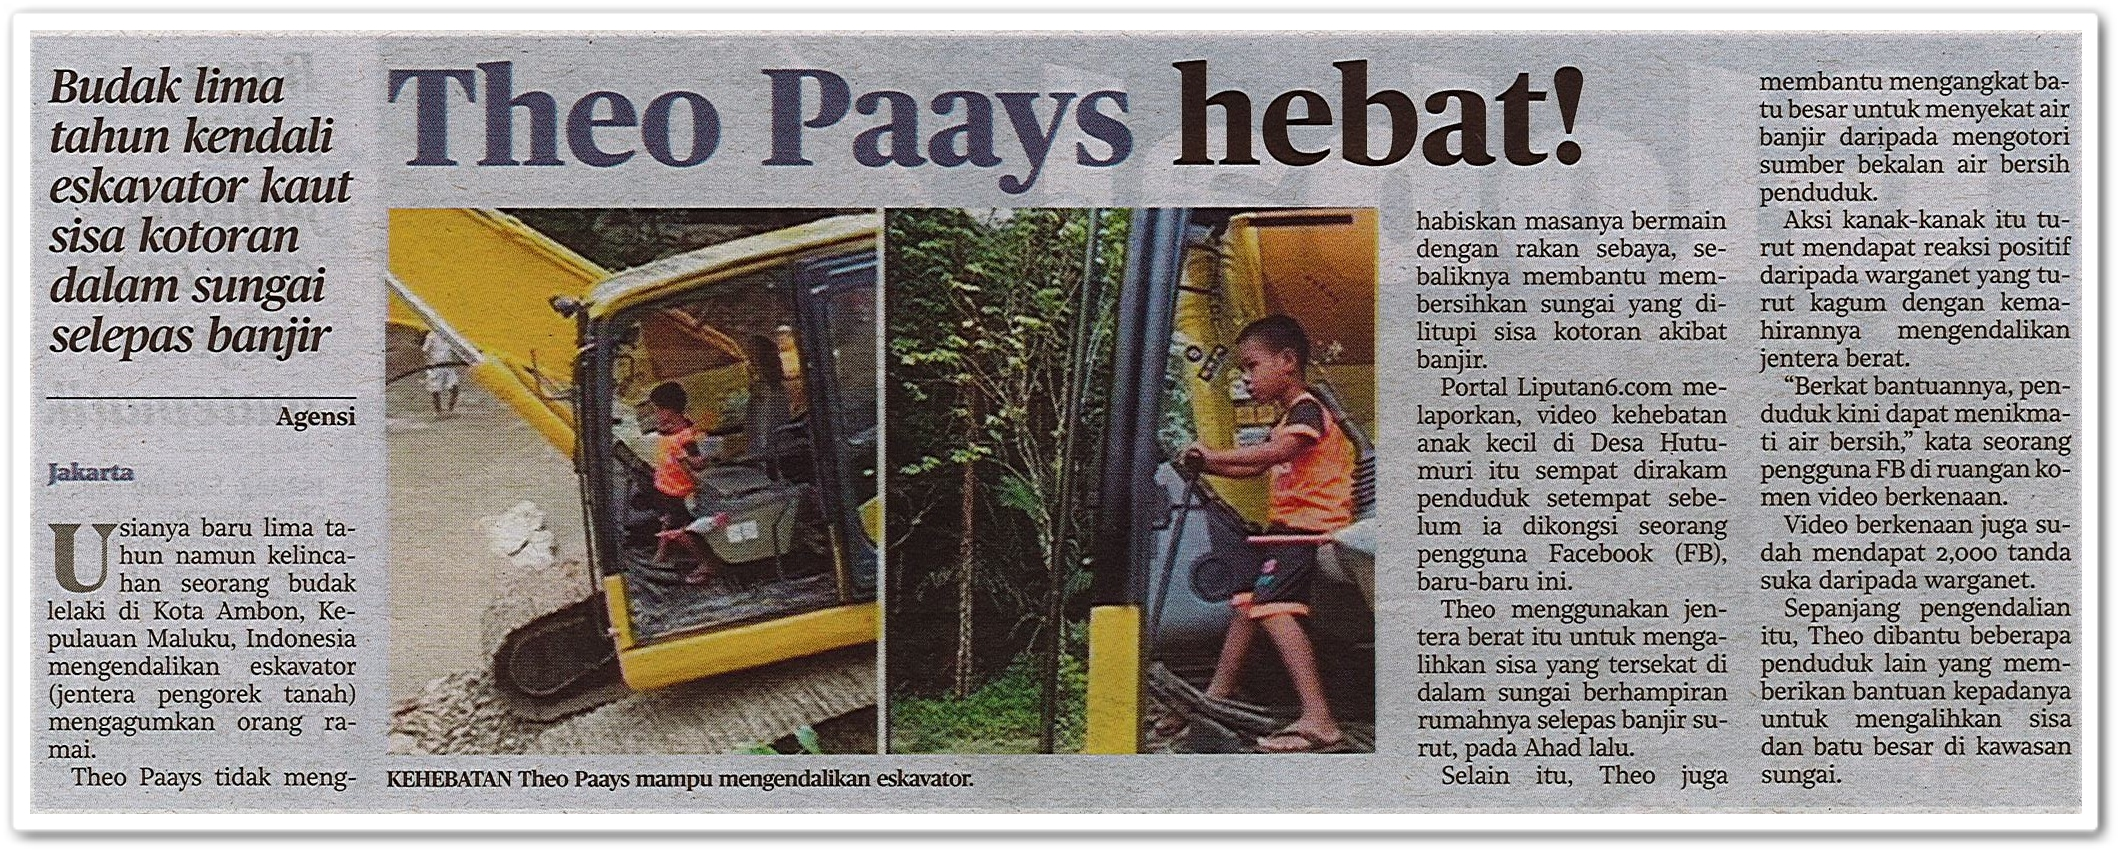 Theo Paays hebat! - Keratan akhbar Harian Metro 8 Oktober 2020